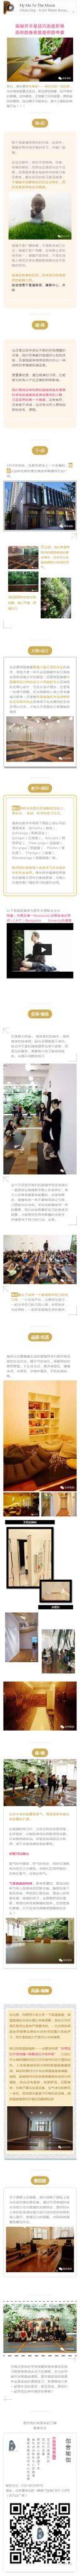 伽舍瑜伽品牌介绍 品牌推广 微信公众号订阅号模板带音乐视频模板